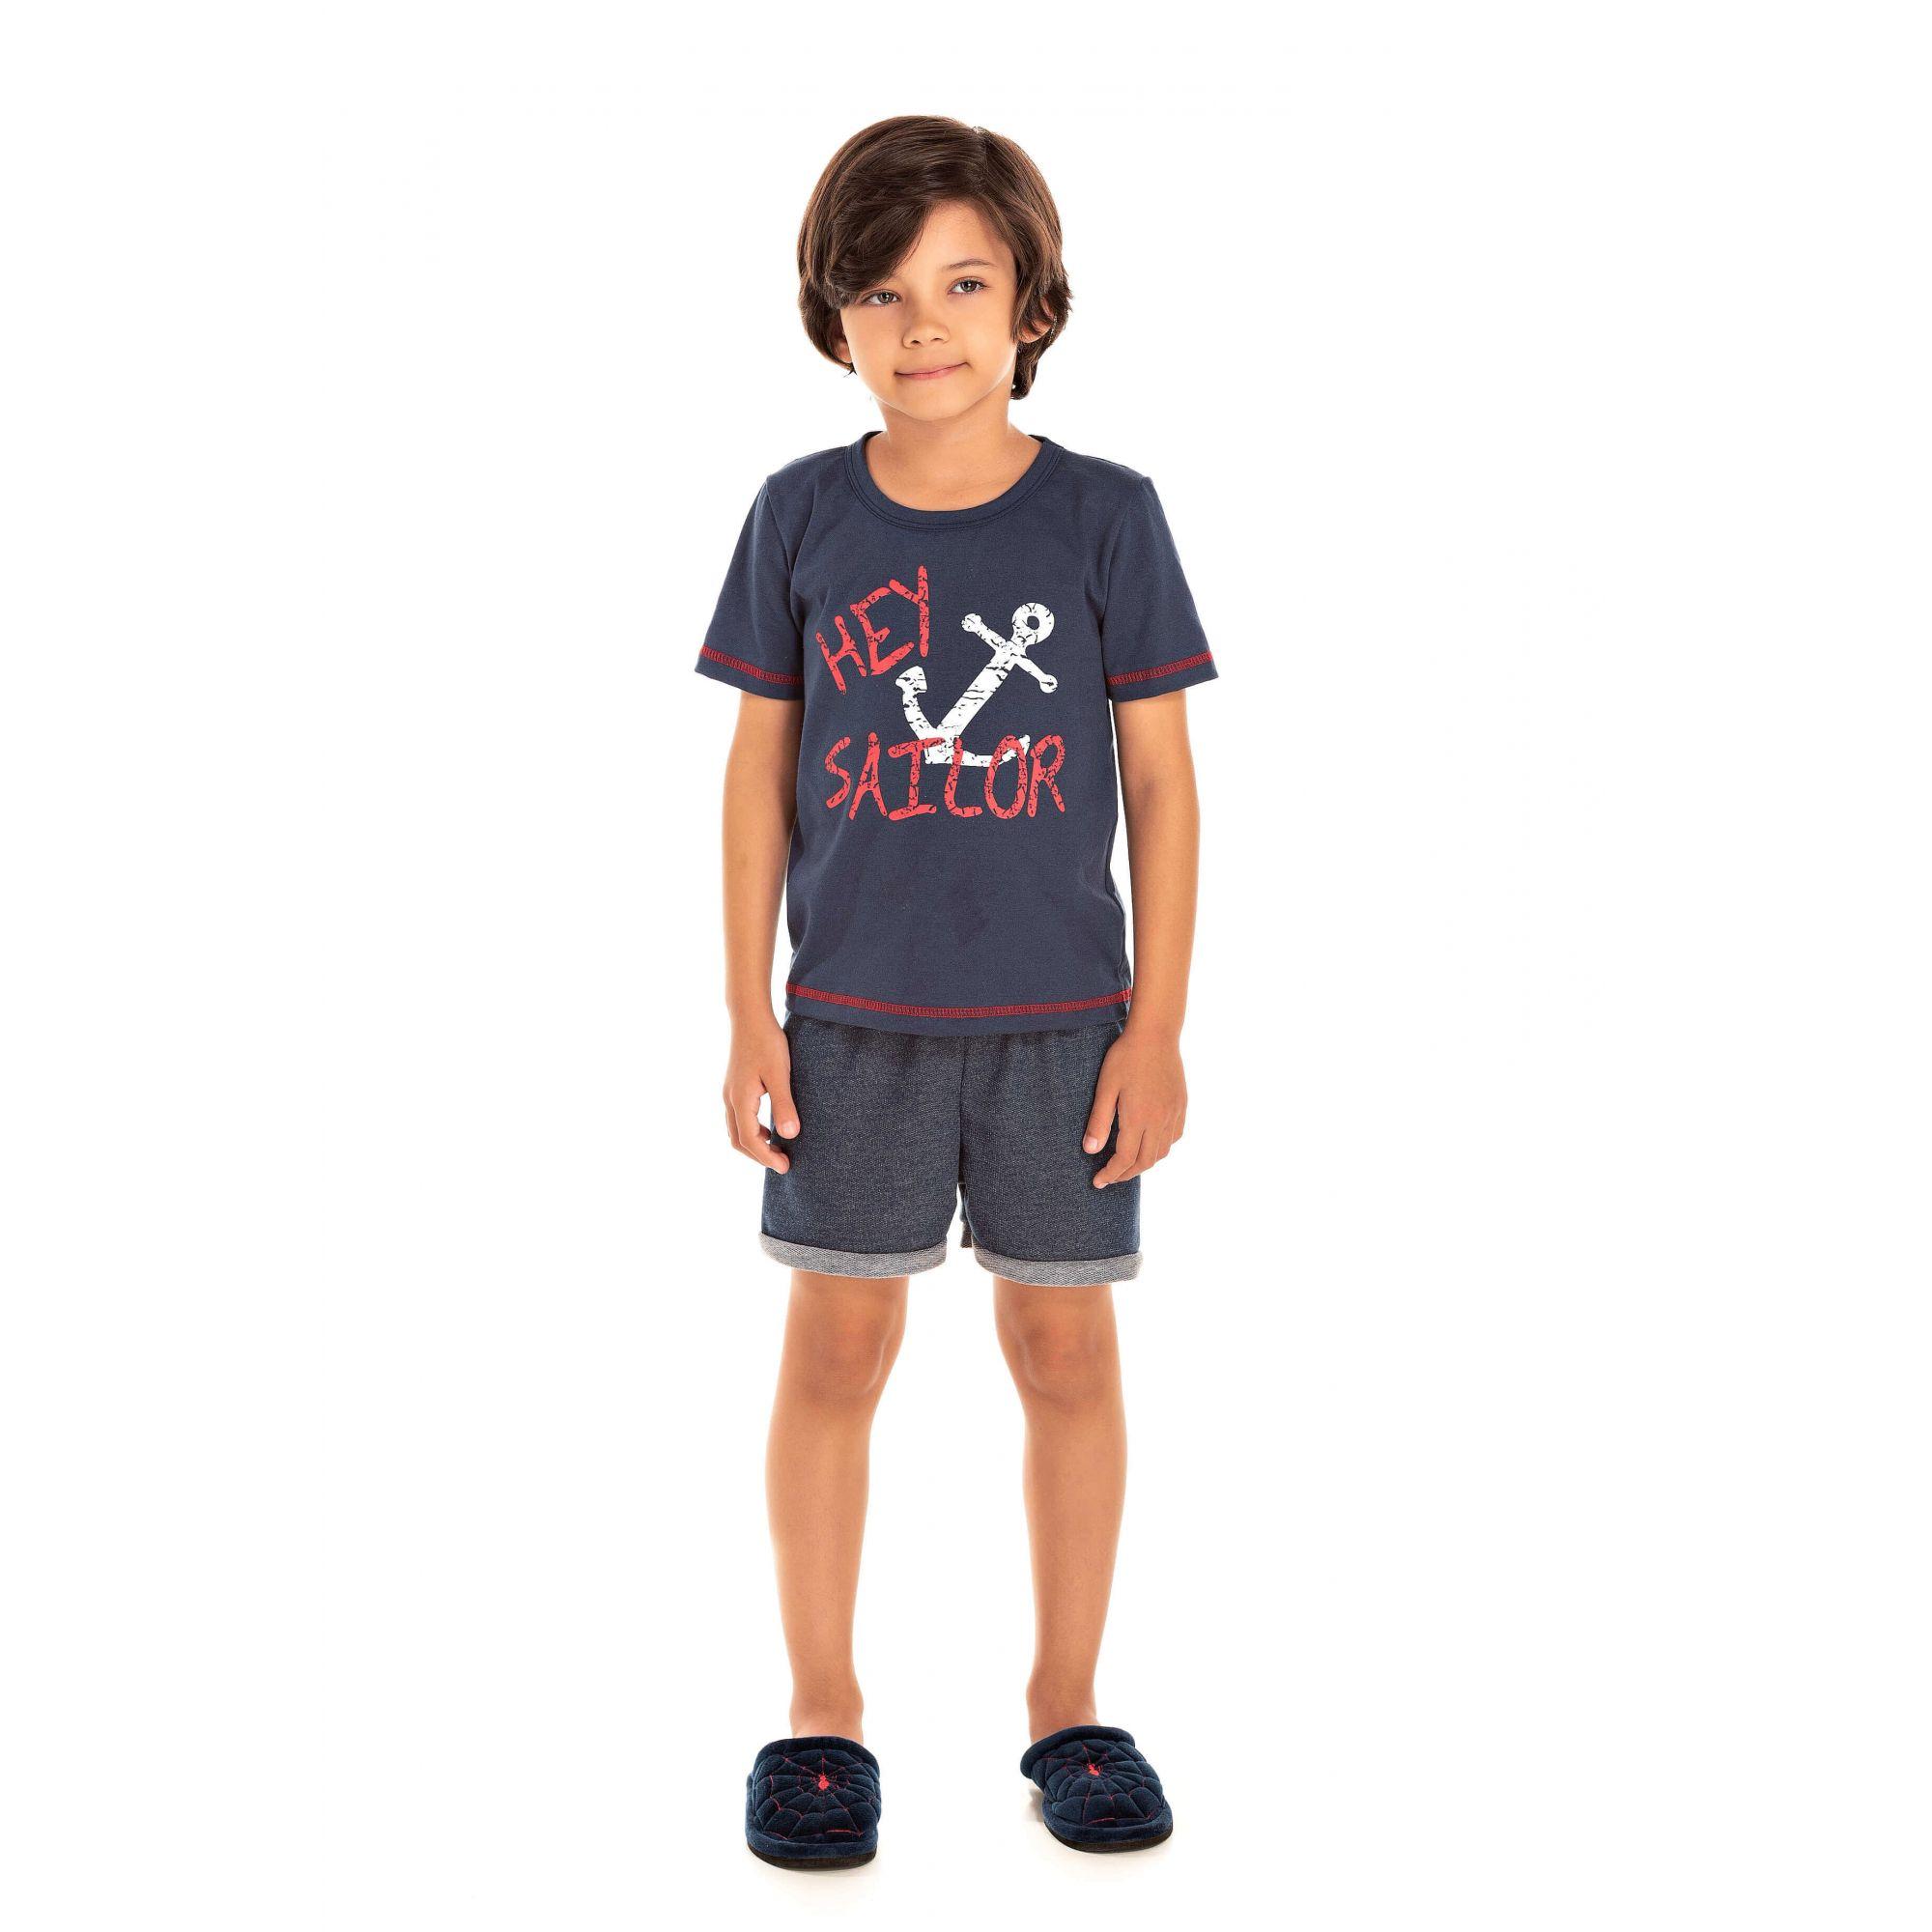 Pijama Infantil Masculino Hey Sailor -  Marinho